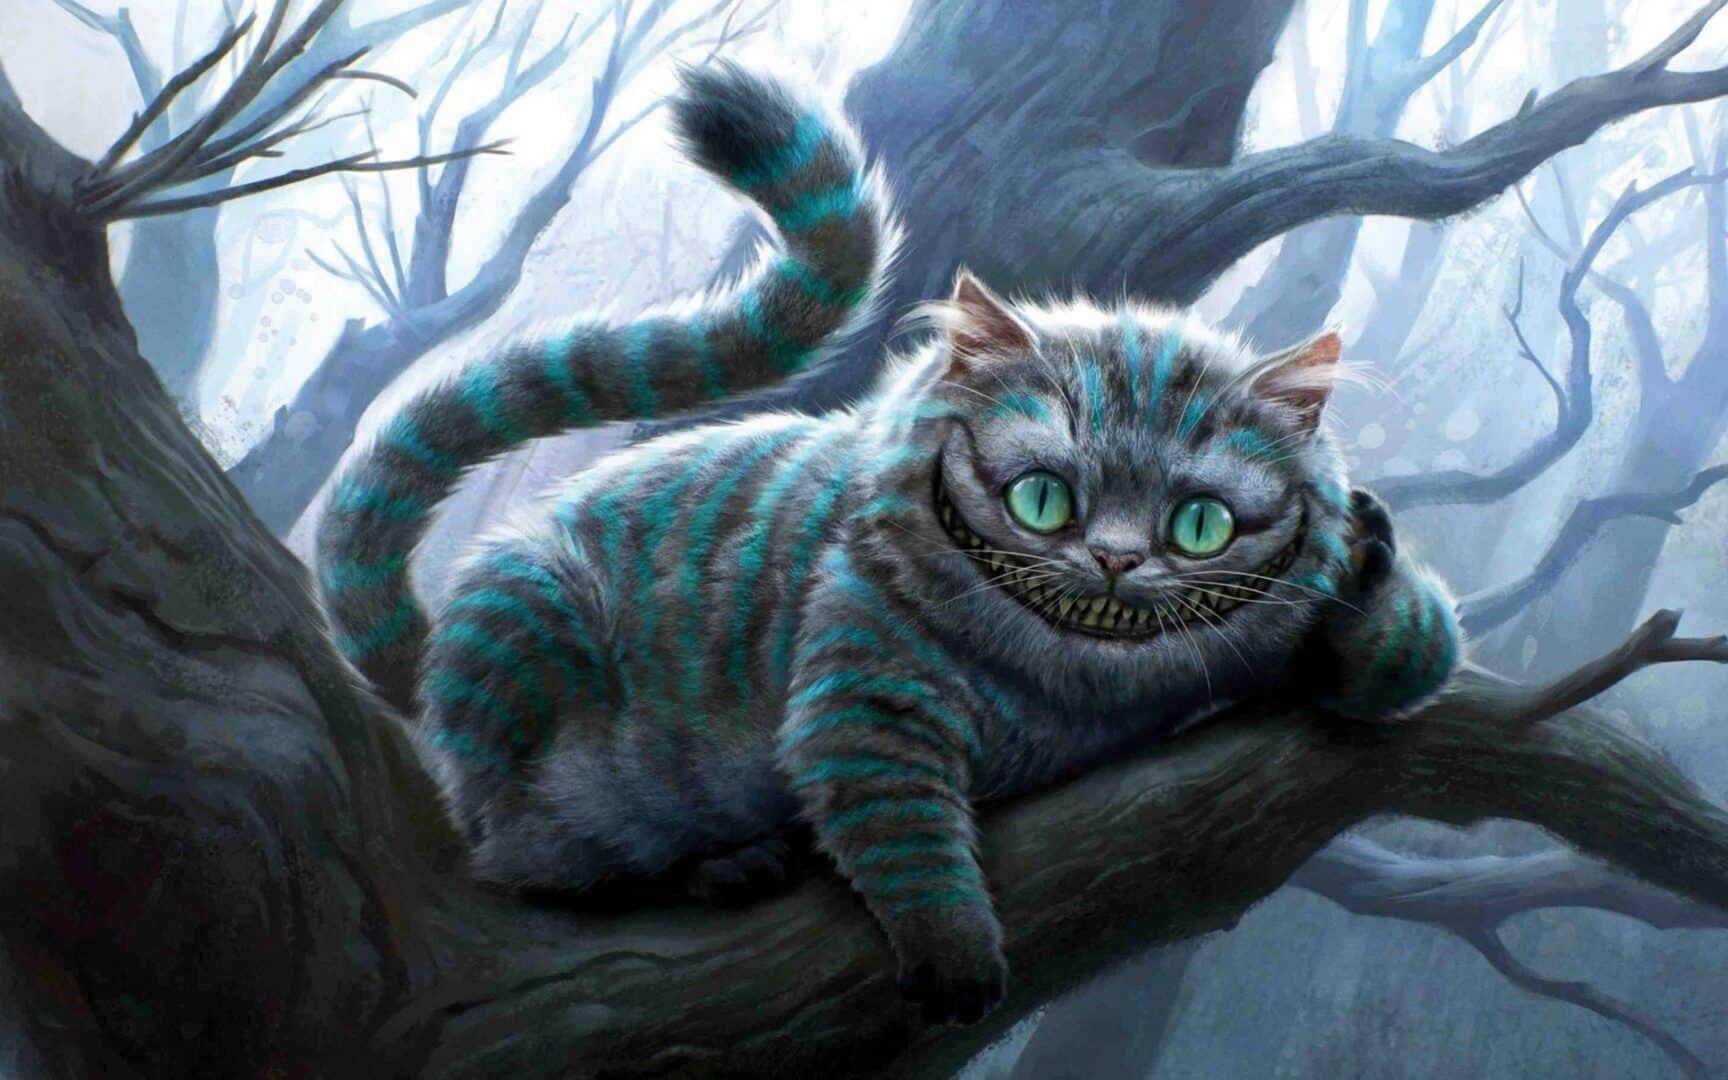 Gatos de desenhos animados - conheça os personagens mais famosos